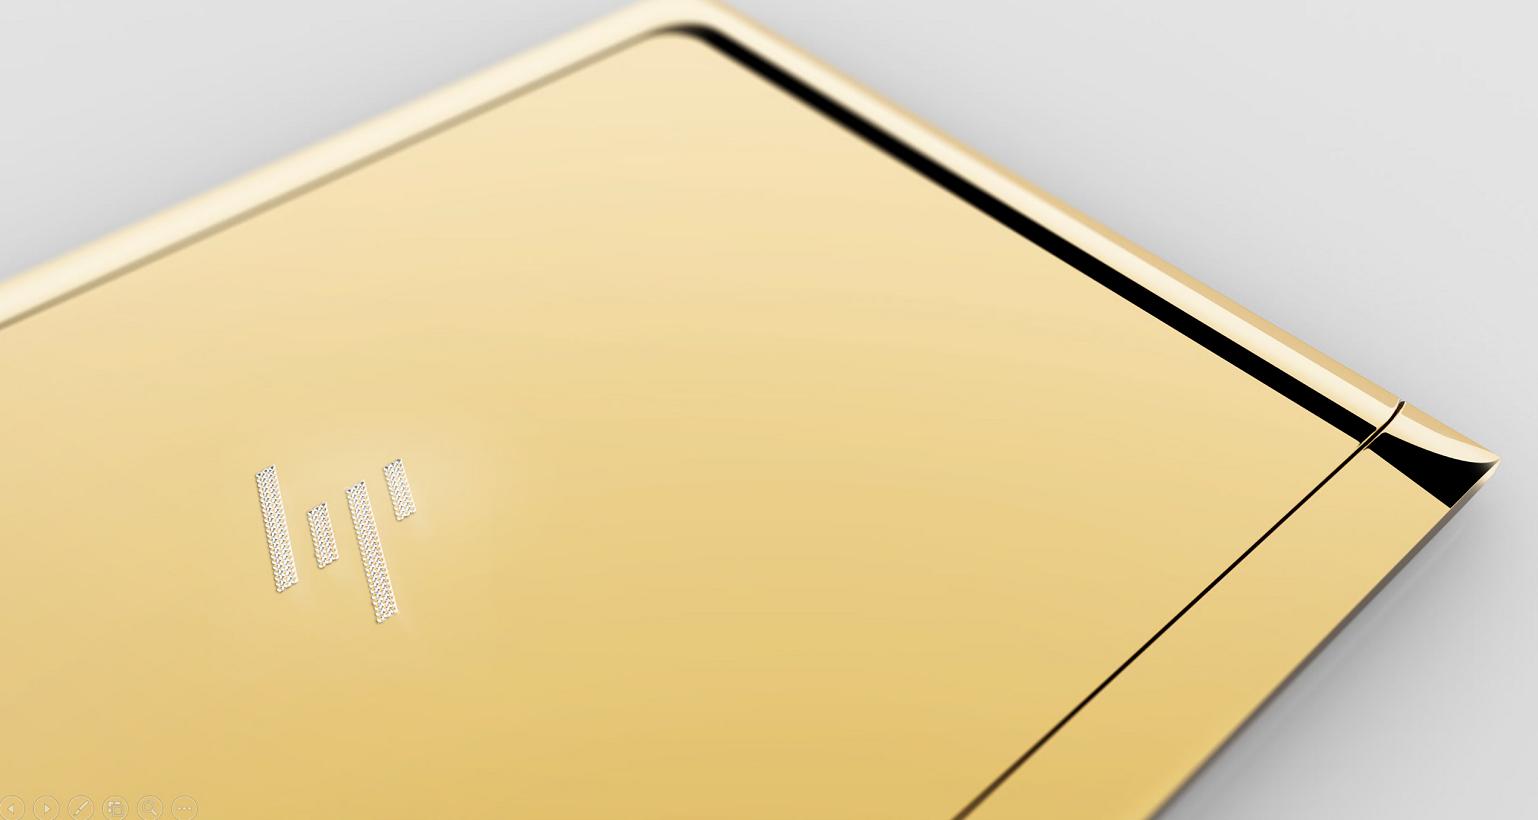 spectre duennste ultrabook kommt auch gold